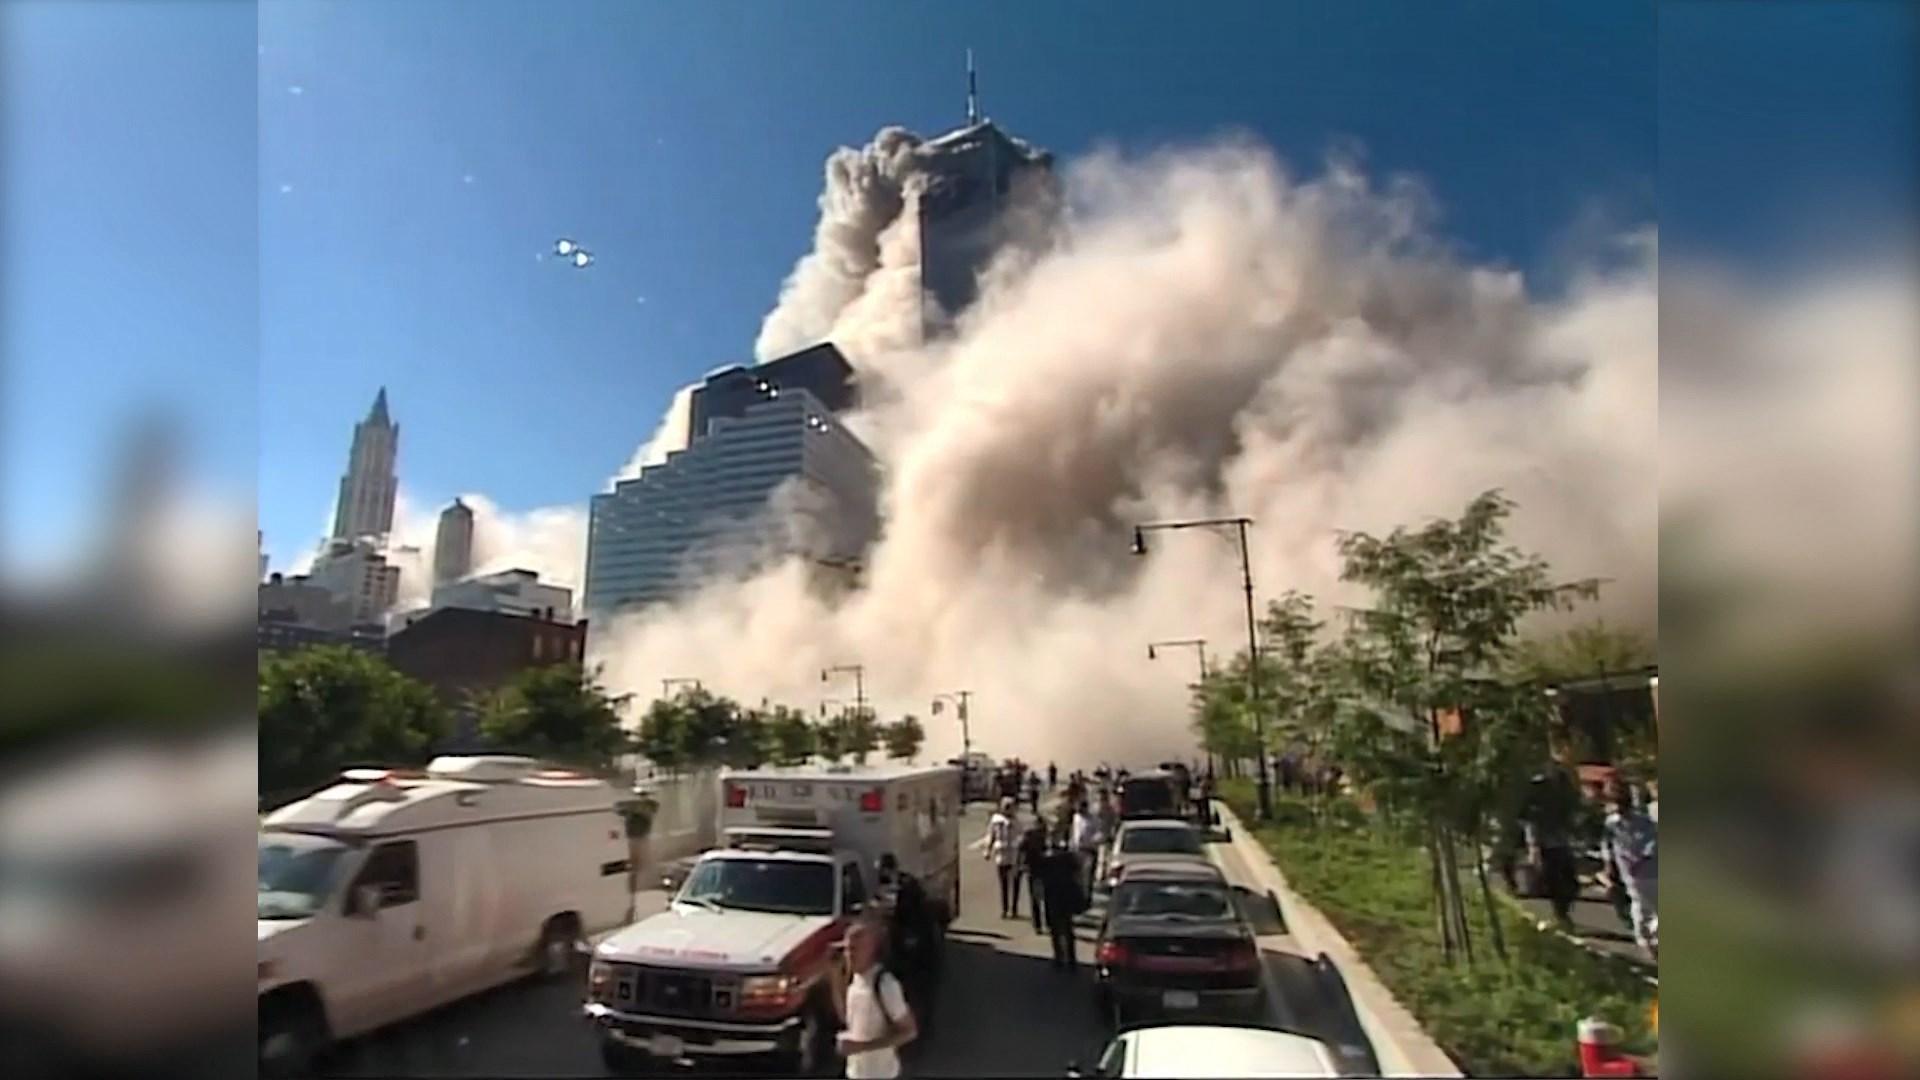 SHBA, hidhen në internet pamjet e papublikuara të sulmeve të 11 shtatorit